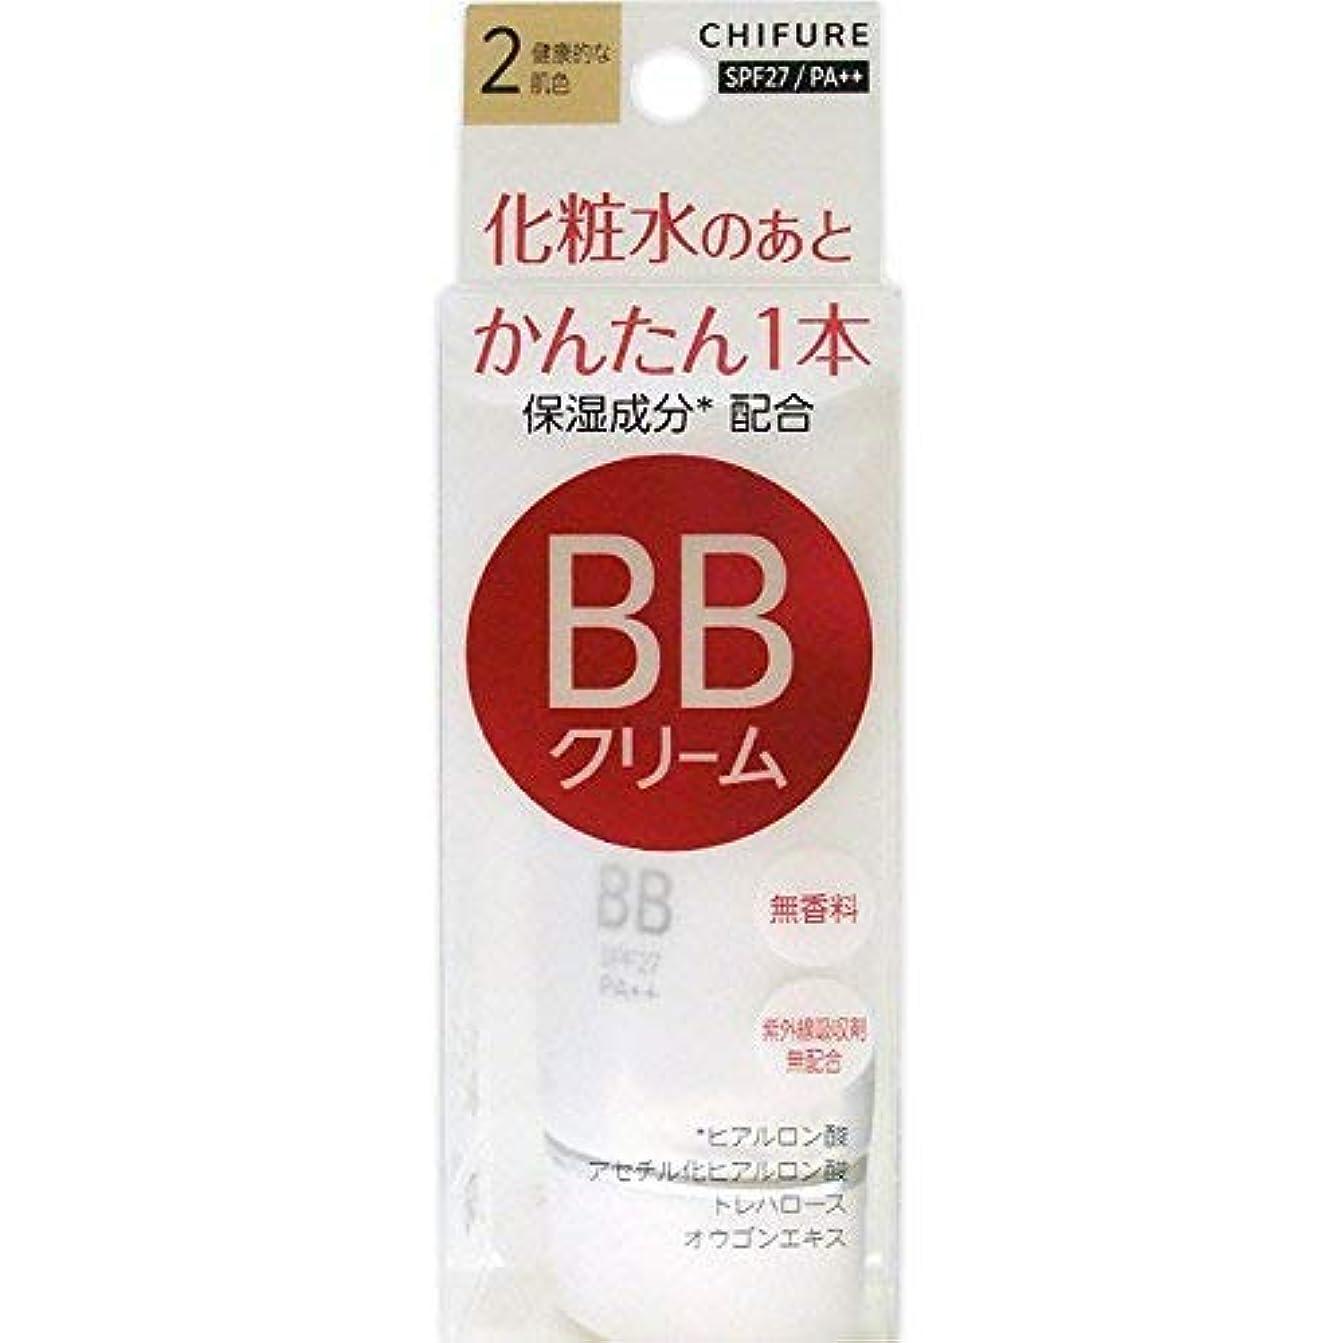 骨の折れる苦しむ無視できるちふれ化粧品 BB クリーム 2 健康的な肌色 BBクリーム 2